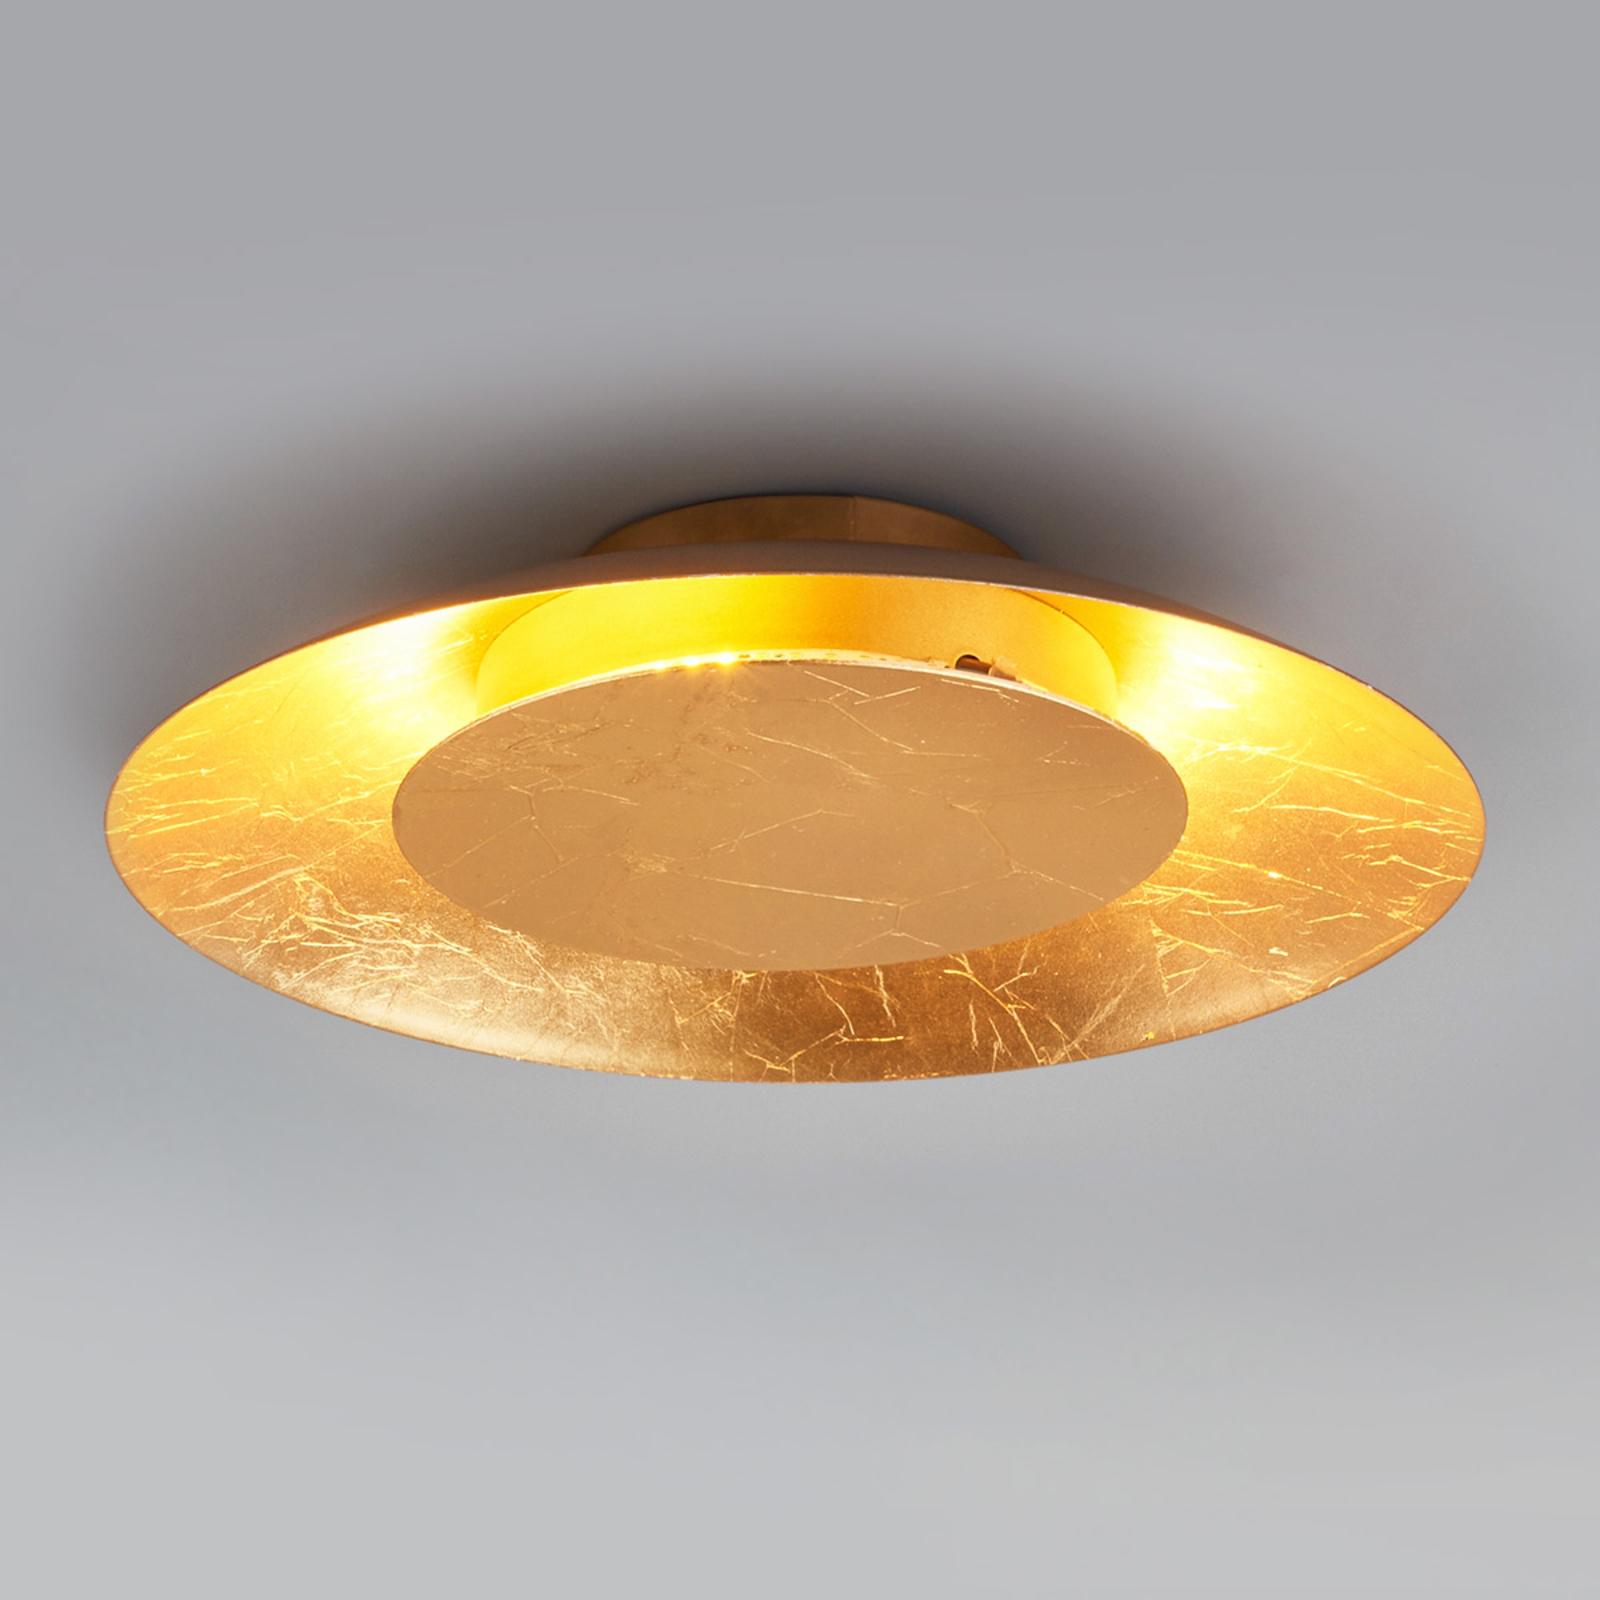 LED plafondlamp Keti in goudlook, Ø 34,5 cm